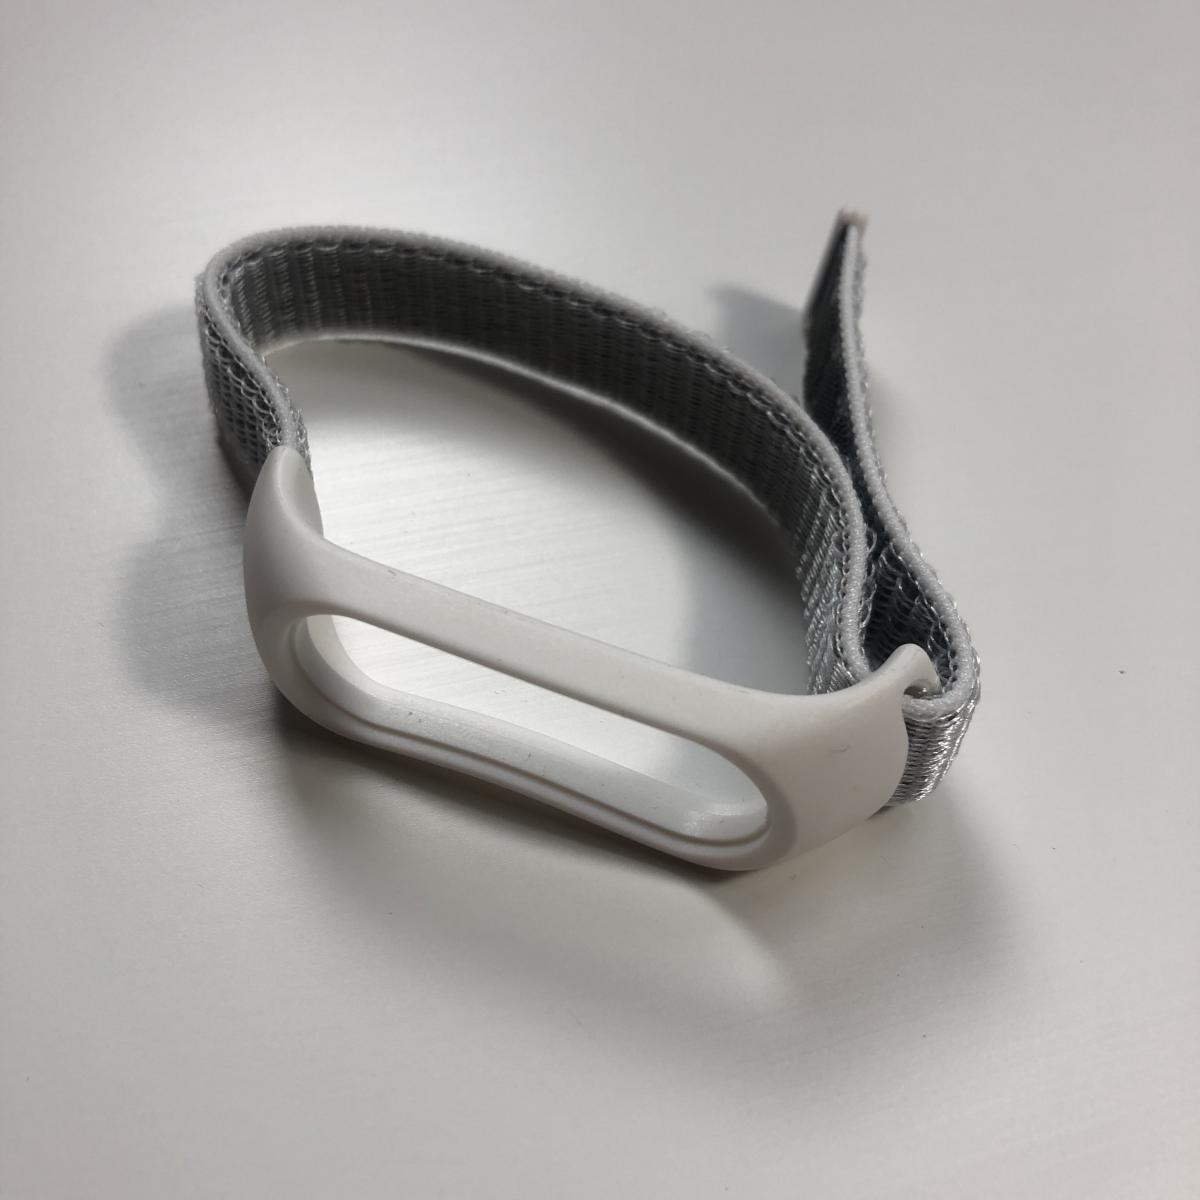 Mi Band 5 Sport Wrist White